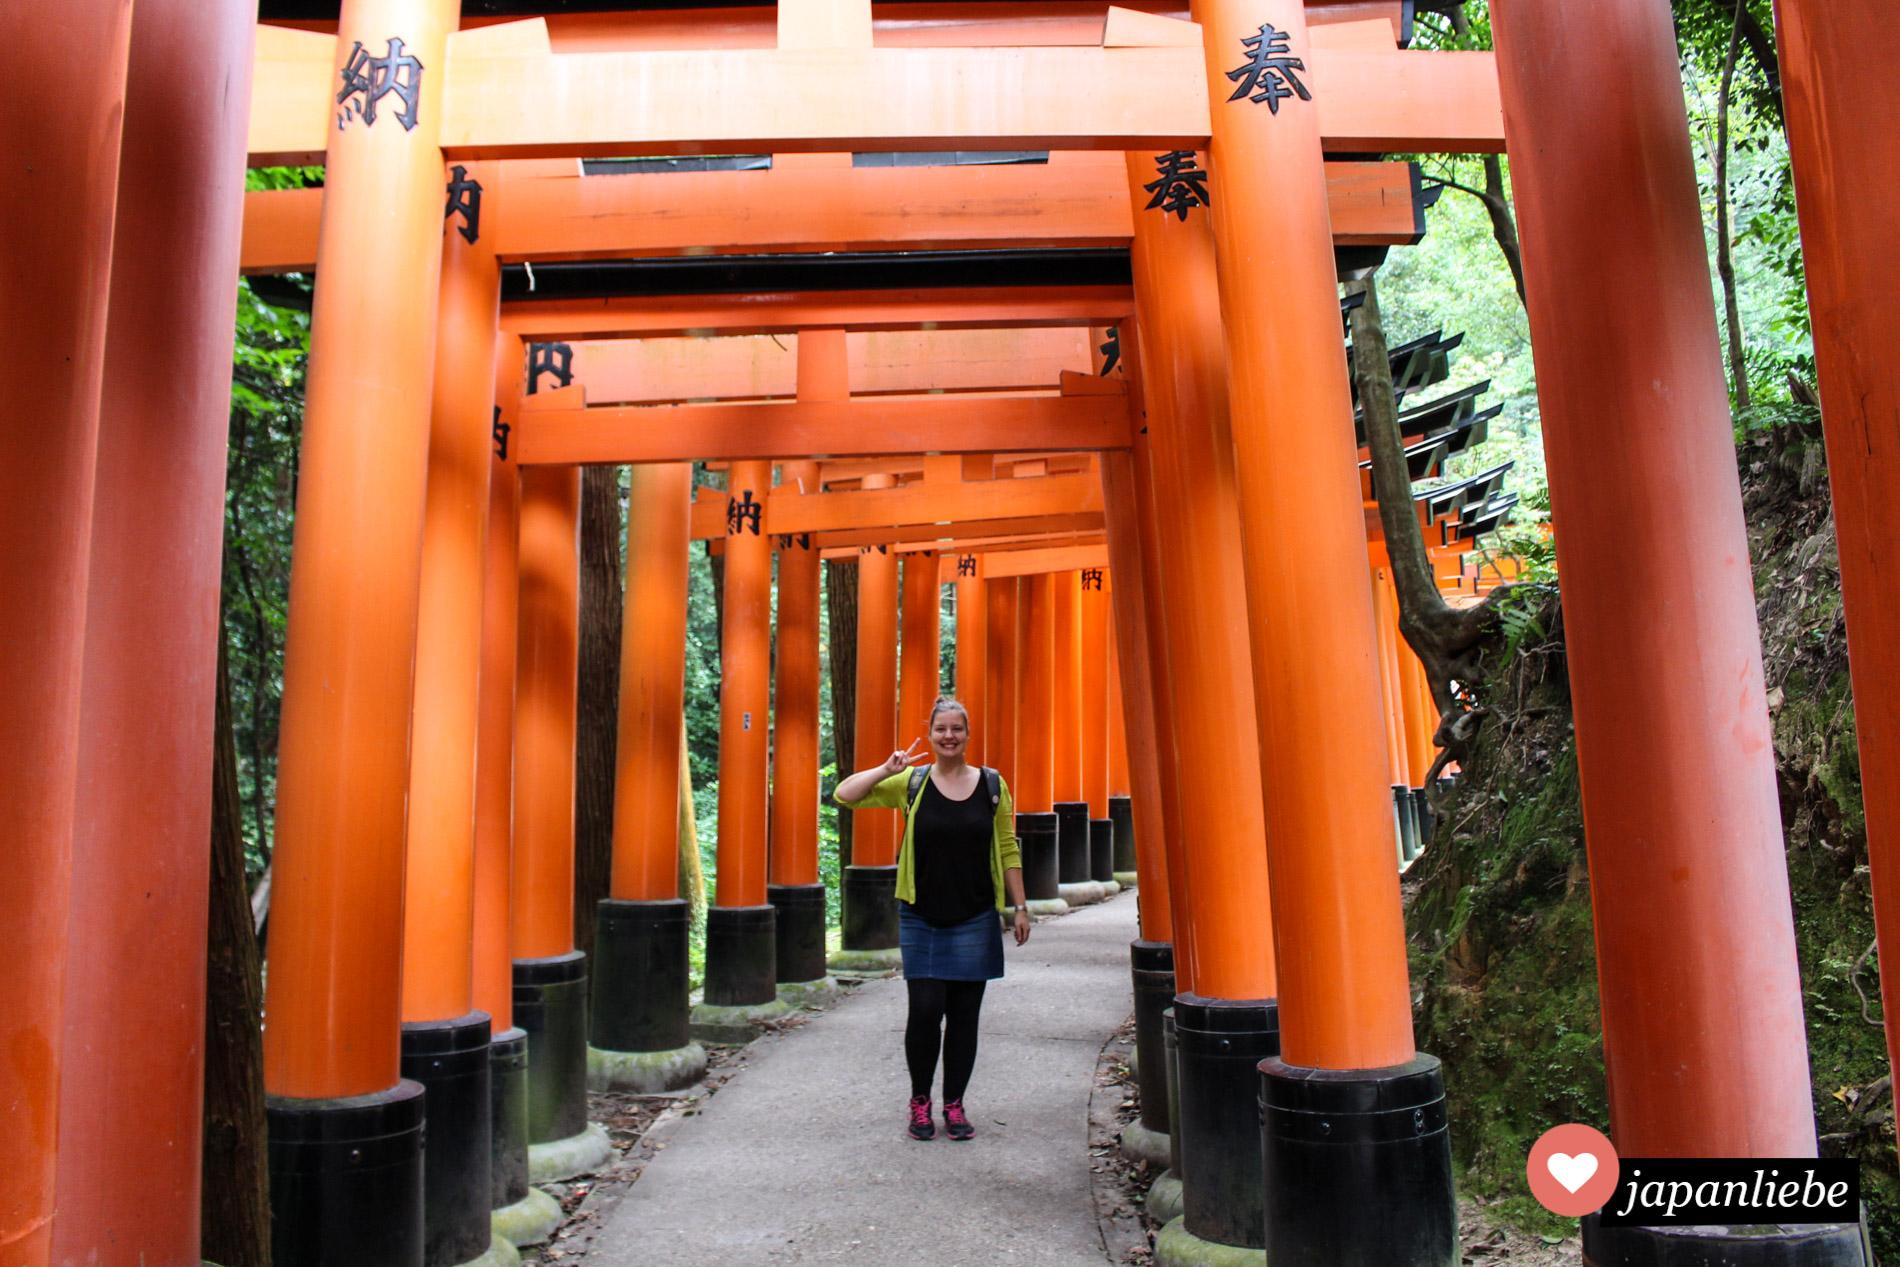 Schnappschuss von mir unter den Toren des Fushimi Inari Schreins in Kyōto.